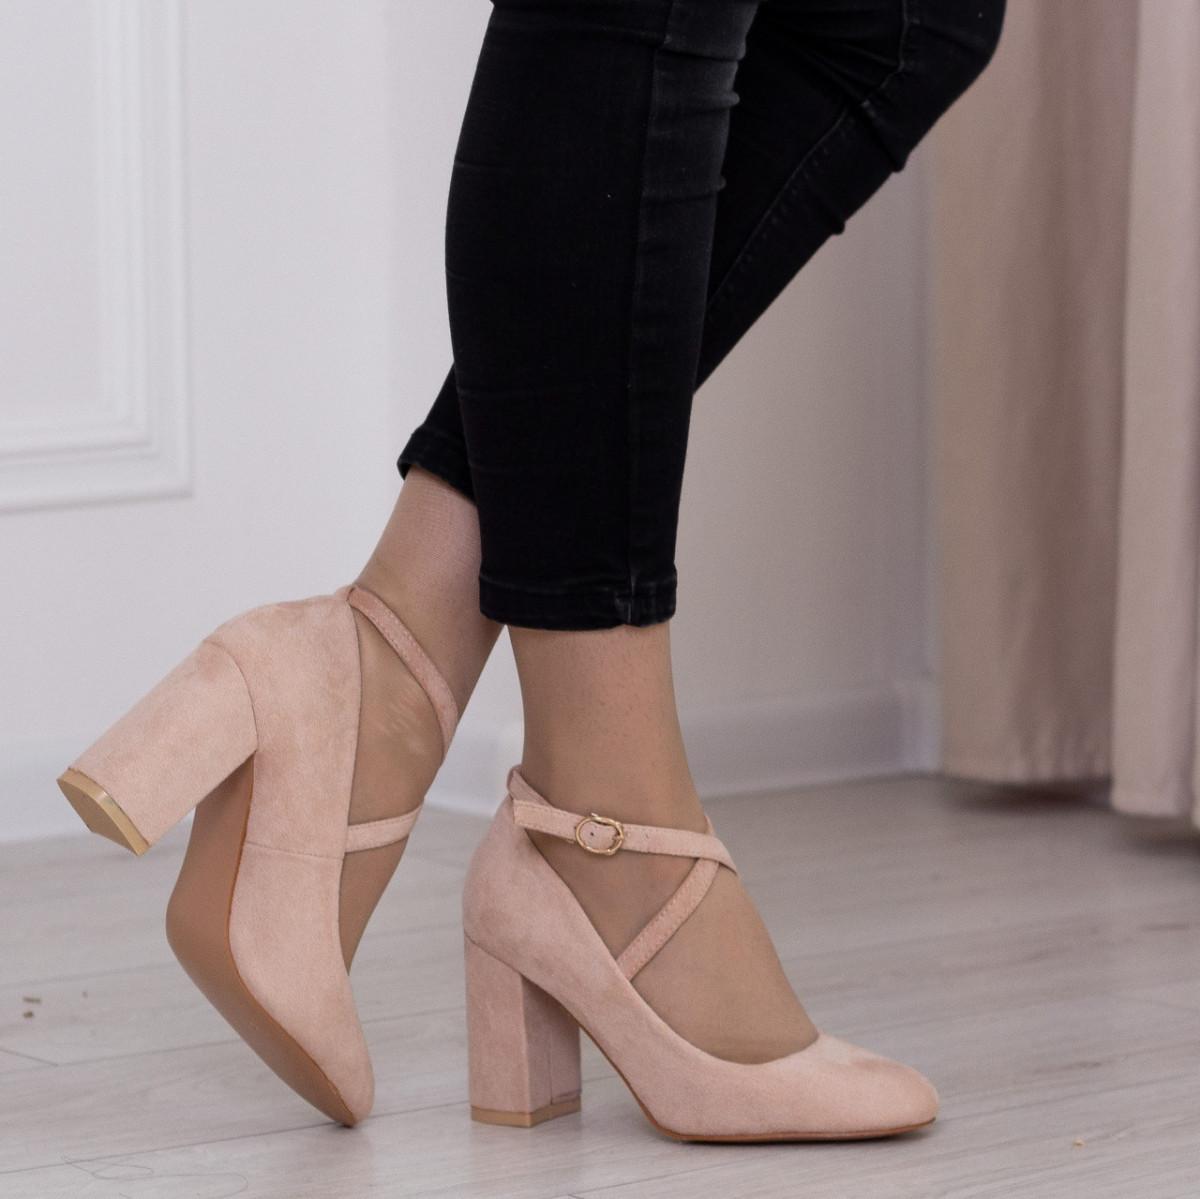 Туфлі жіночі Fashion Coco 2511 36 розмір, 23,5 см Бежевий